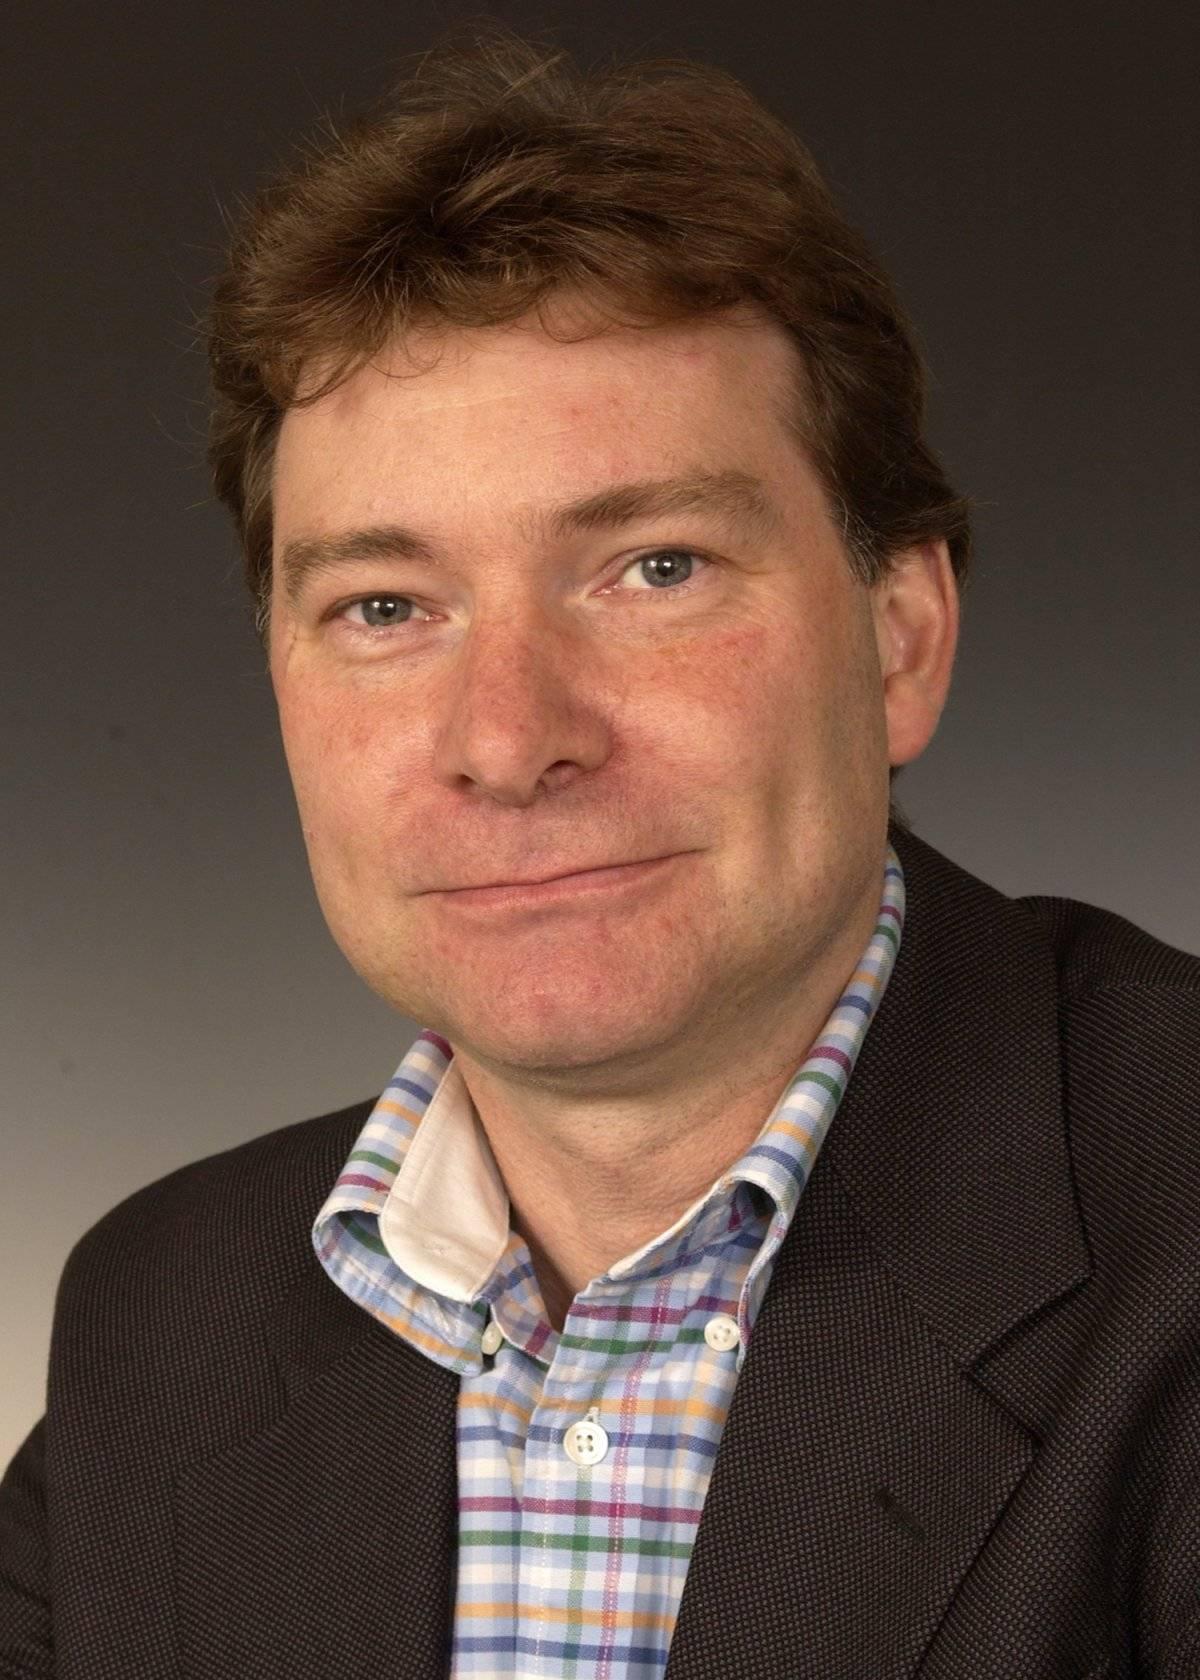 Martin Sweatman, profesor en la Escuela de Ingeniería de la Universidad de Edimburgo, Escocia